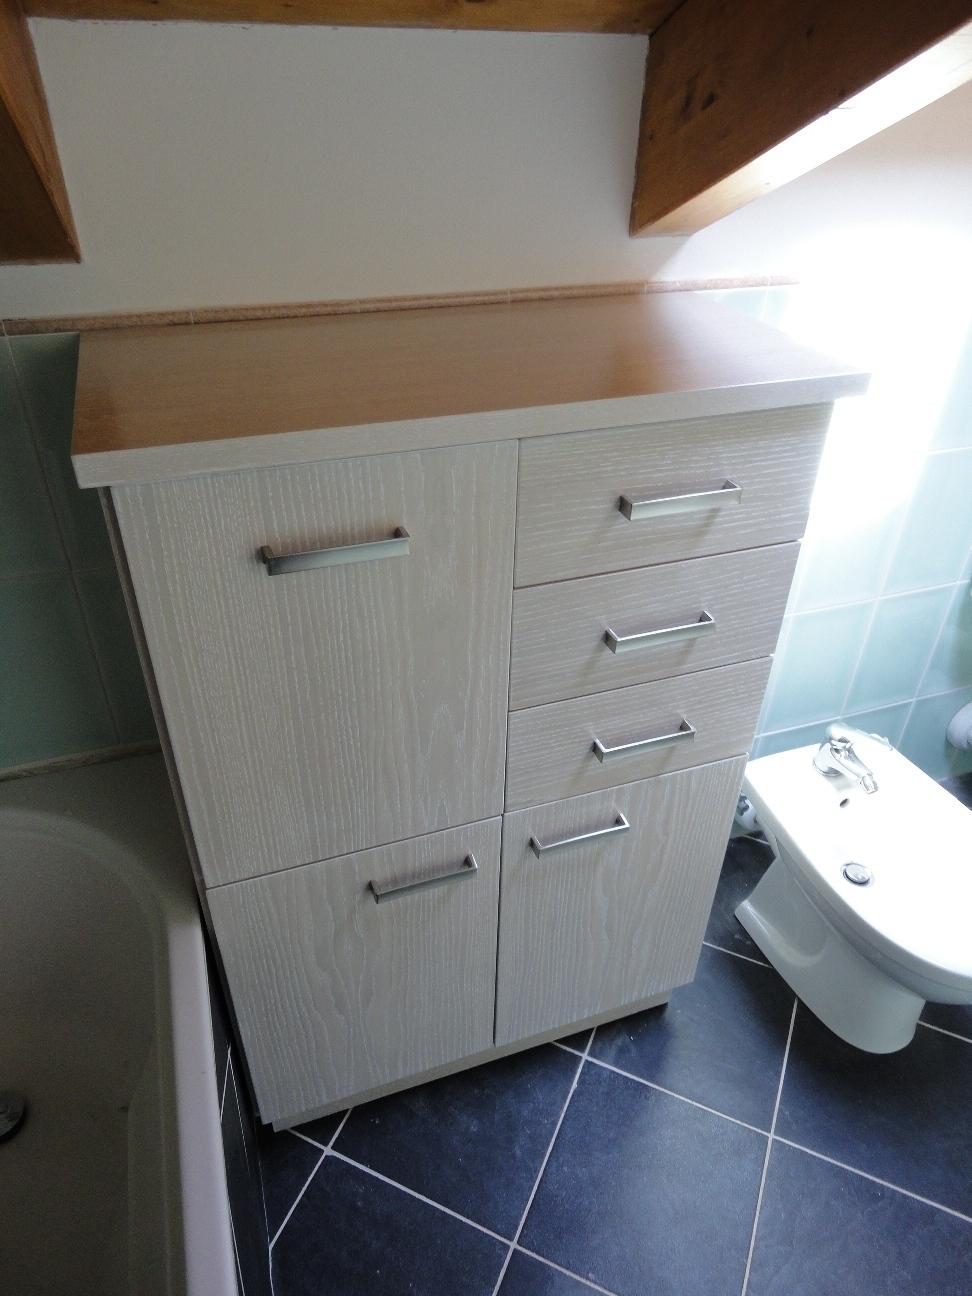 Arredamenti oscar bellotto mobili bagno moderni genova for Aurelia arredamenti